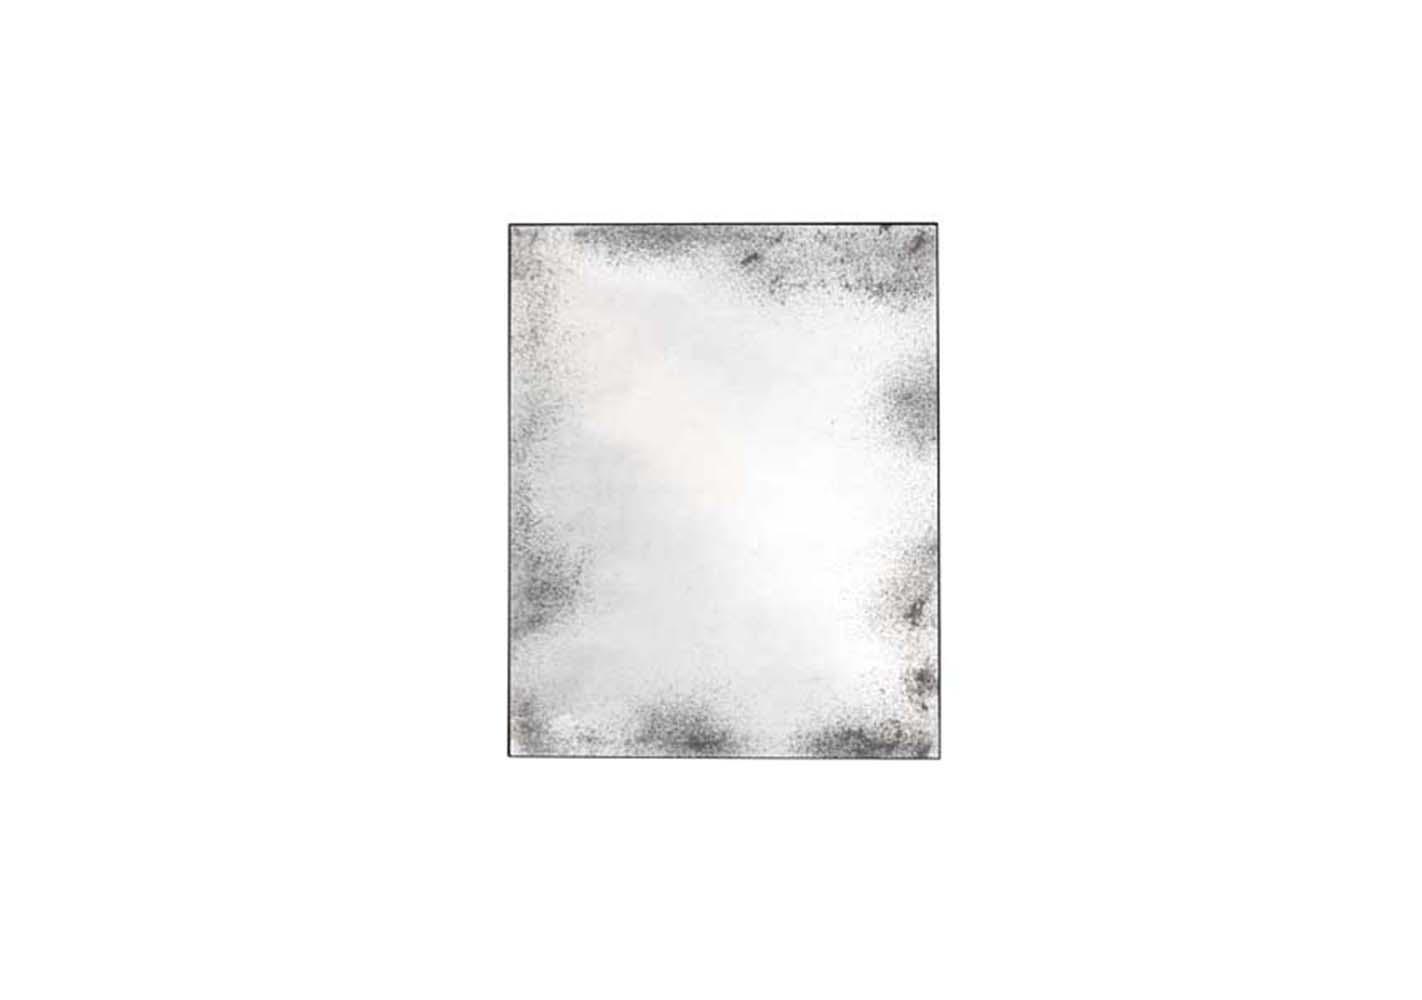 Miroir rectangulaire Clear - NOTRE MONDE